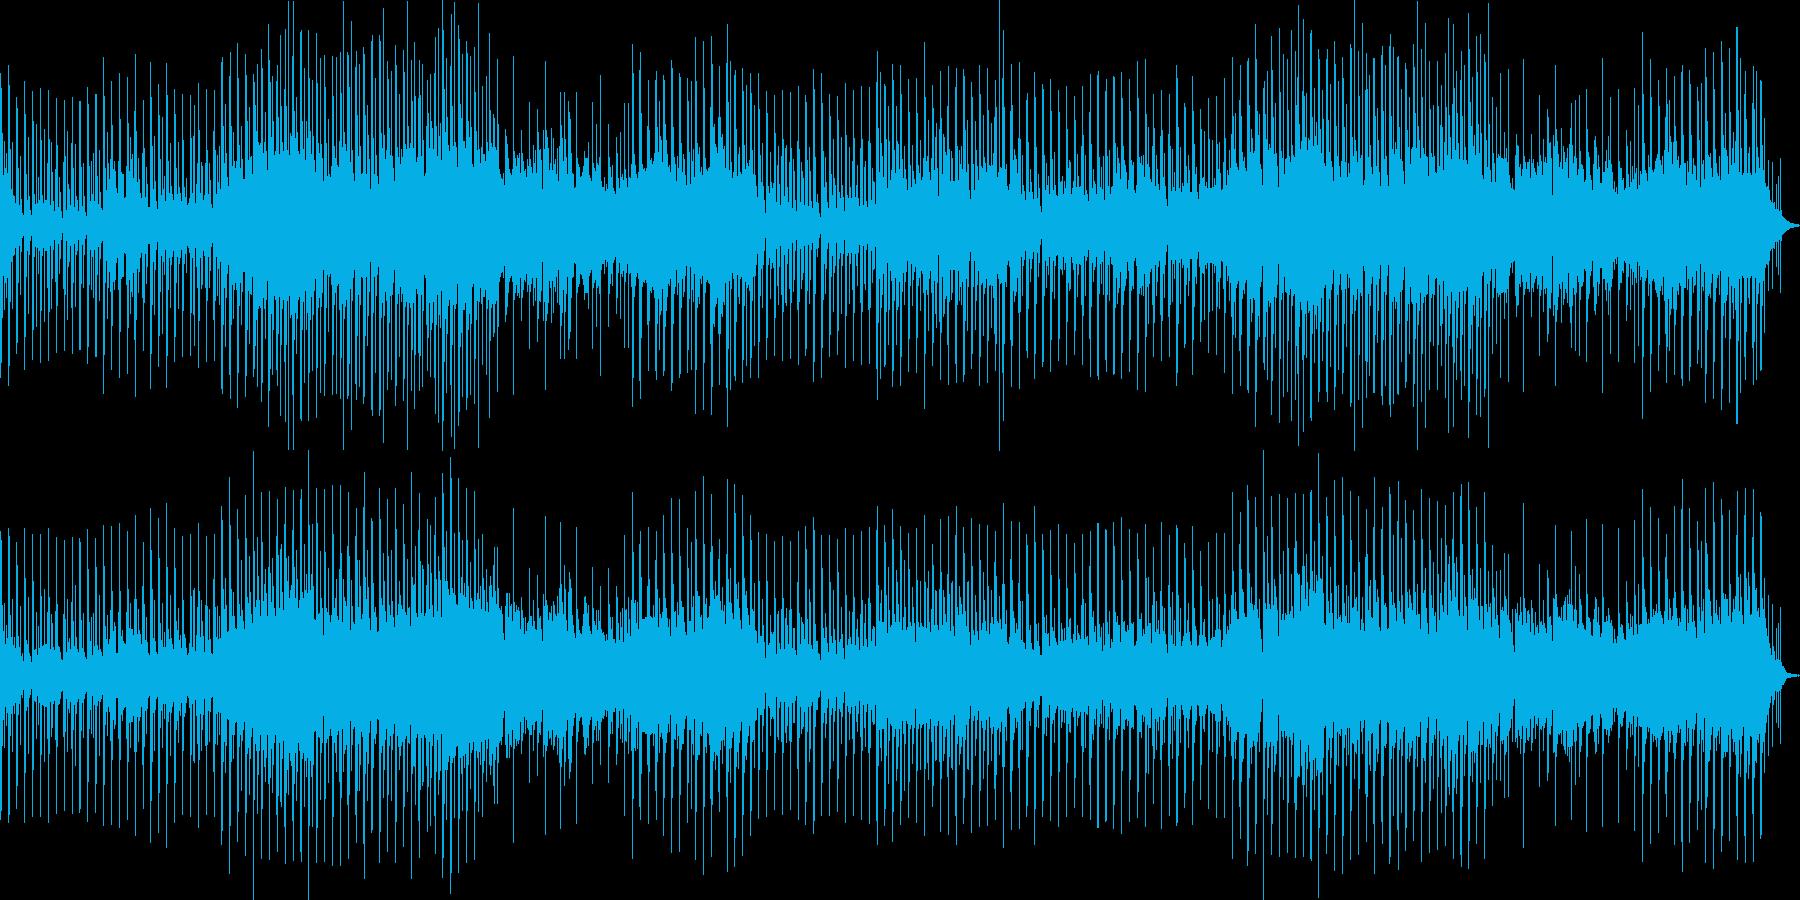 三味線の曲の再生済みの波形